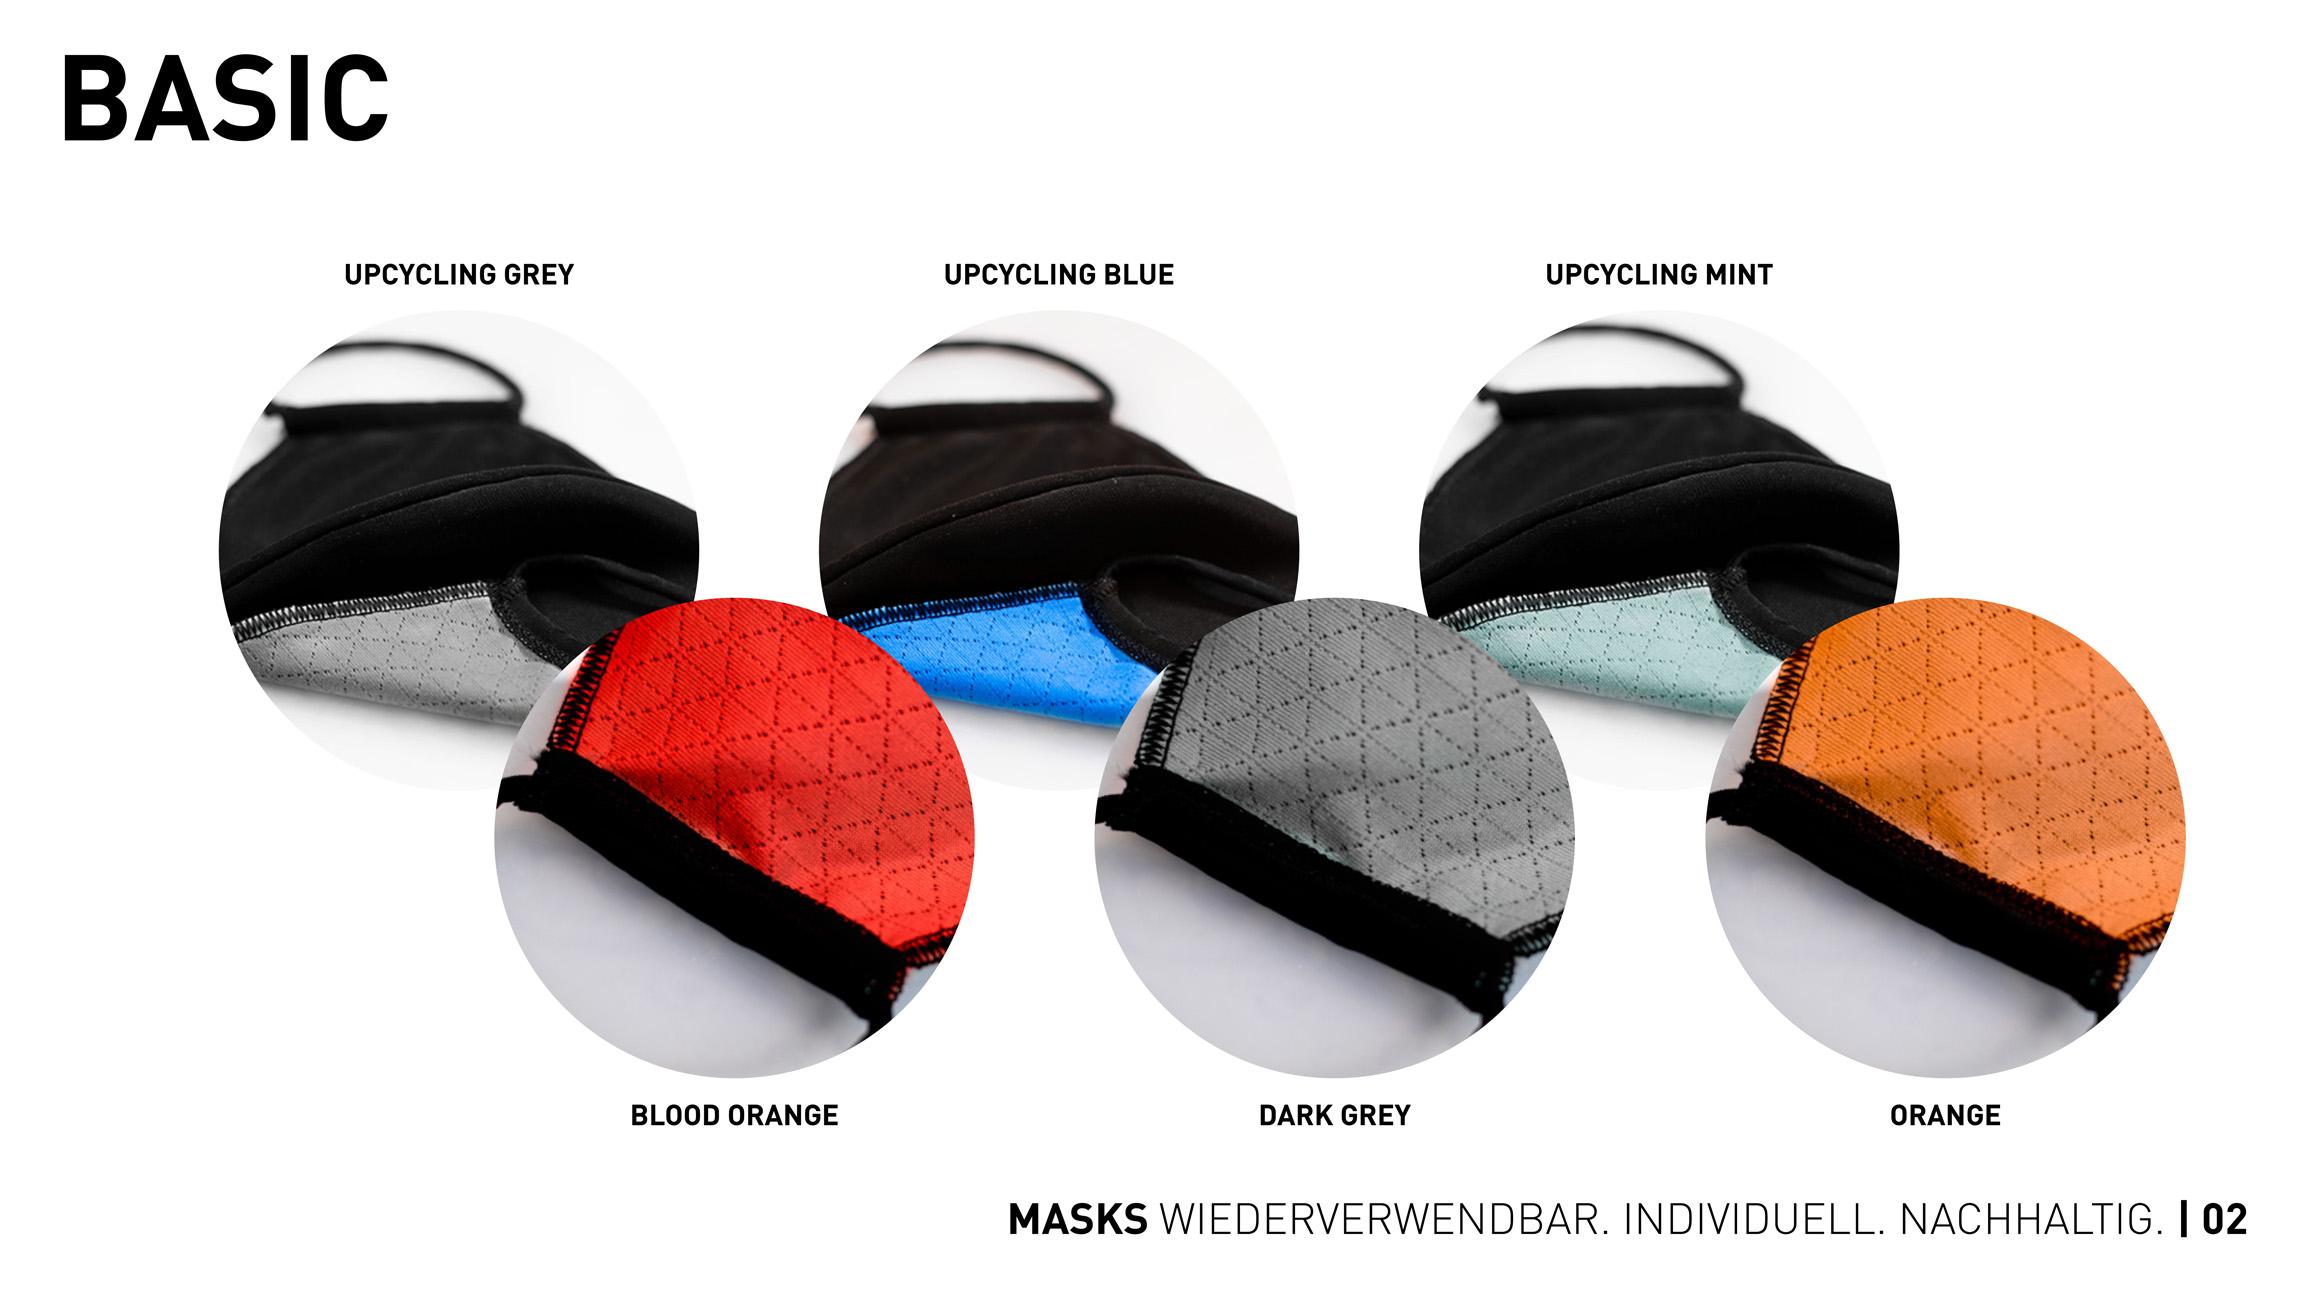 personalisierte-stoffmasken-seite3-081220